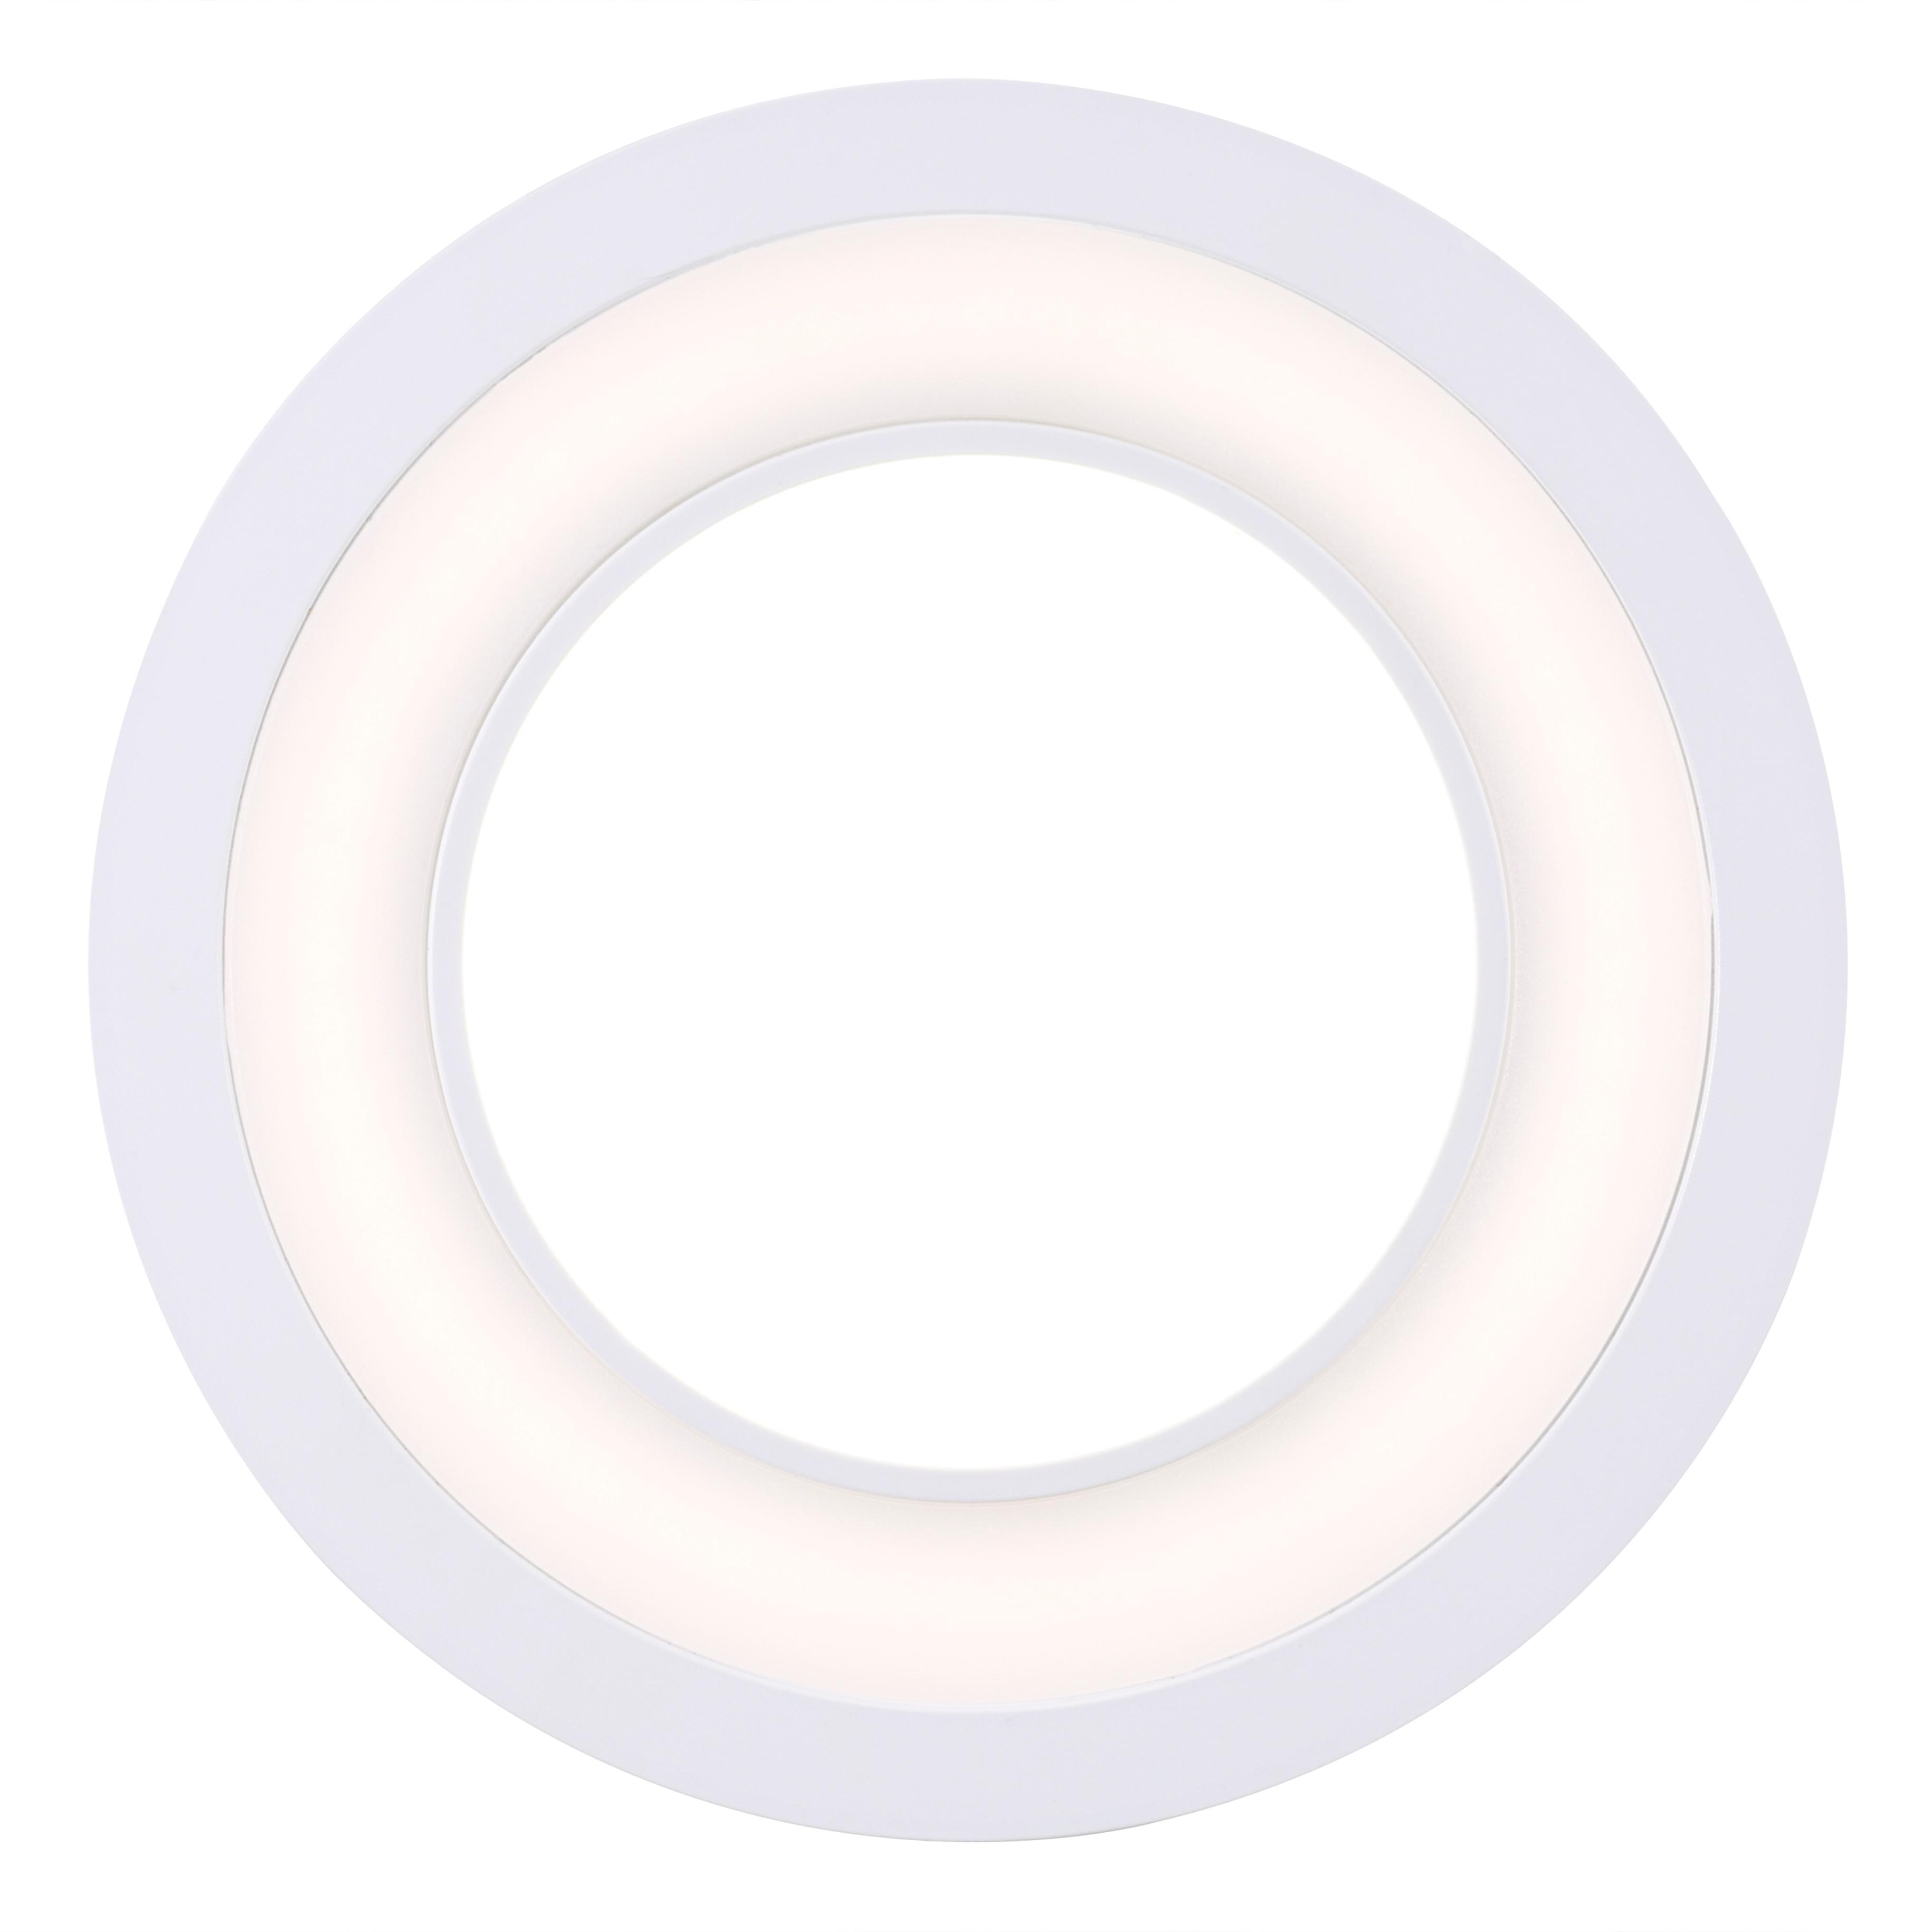 Nordlux,LED Einbaustrahler 2er Set Clyde 15 4000k